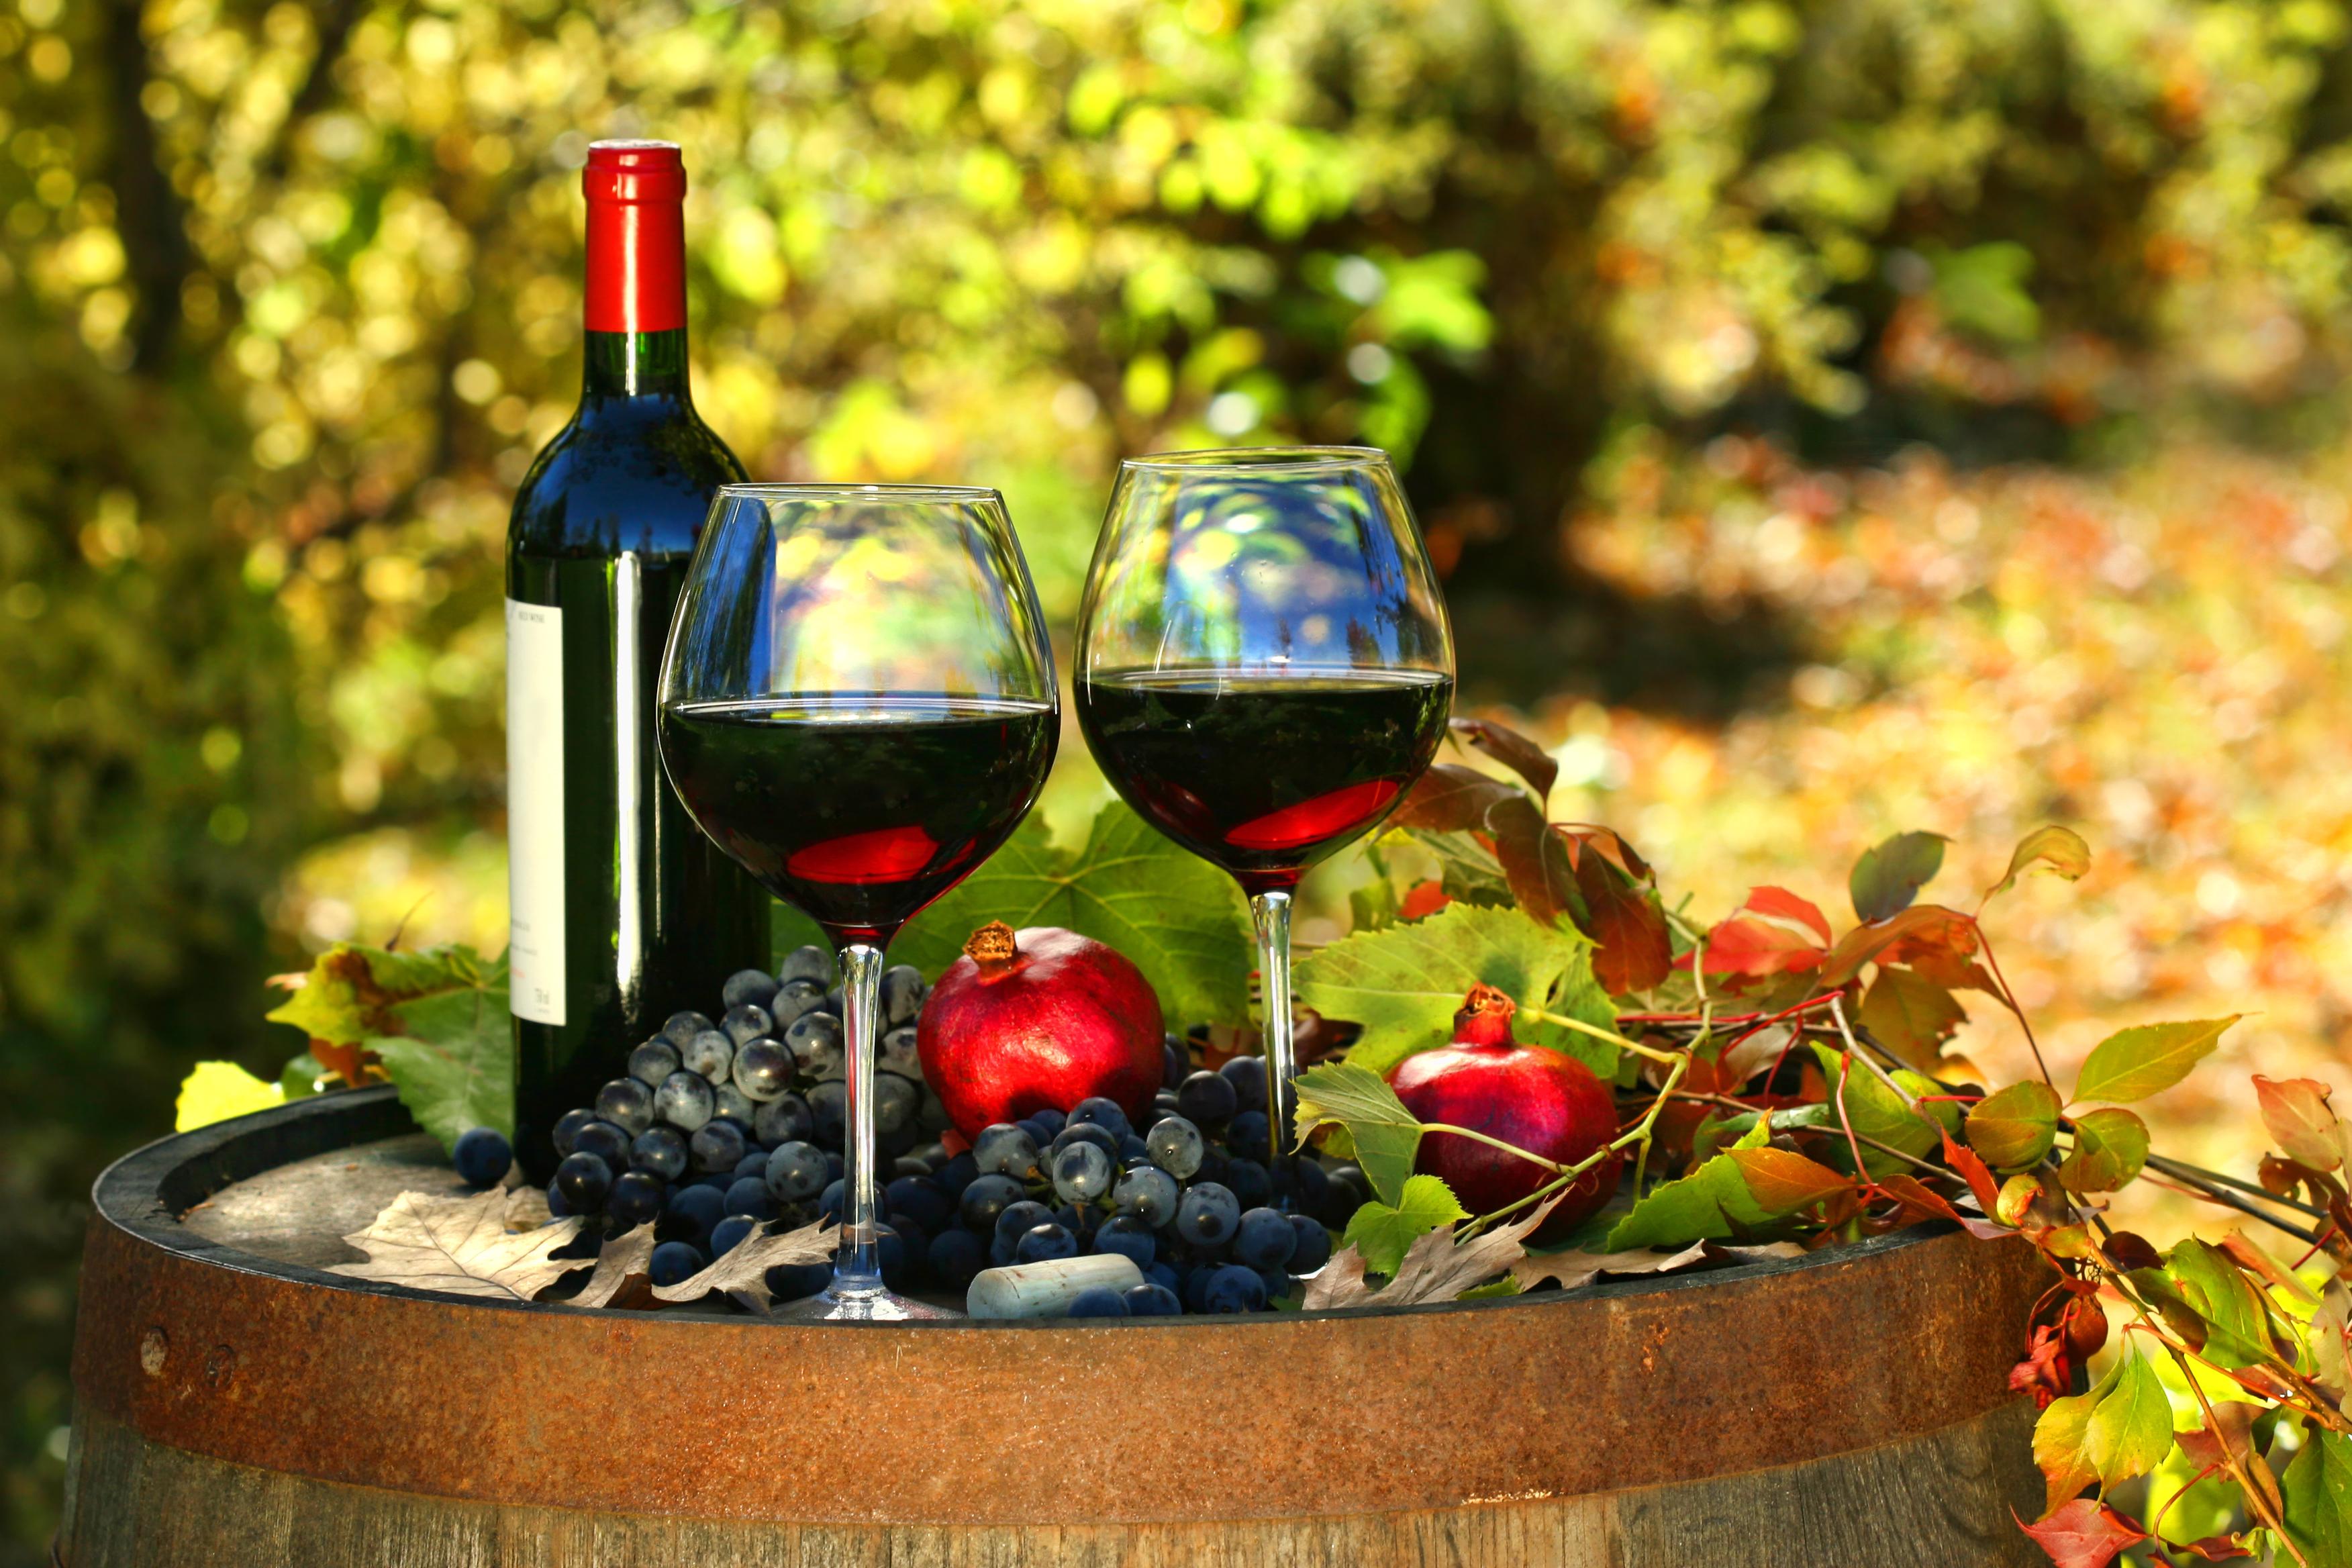 Červené víno a zdraví: je skutečně červené víno zdravější než bílé? Záleží, na prevenci jakých nemocí se zaměříme.